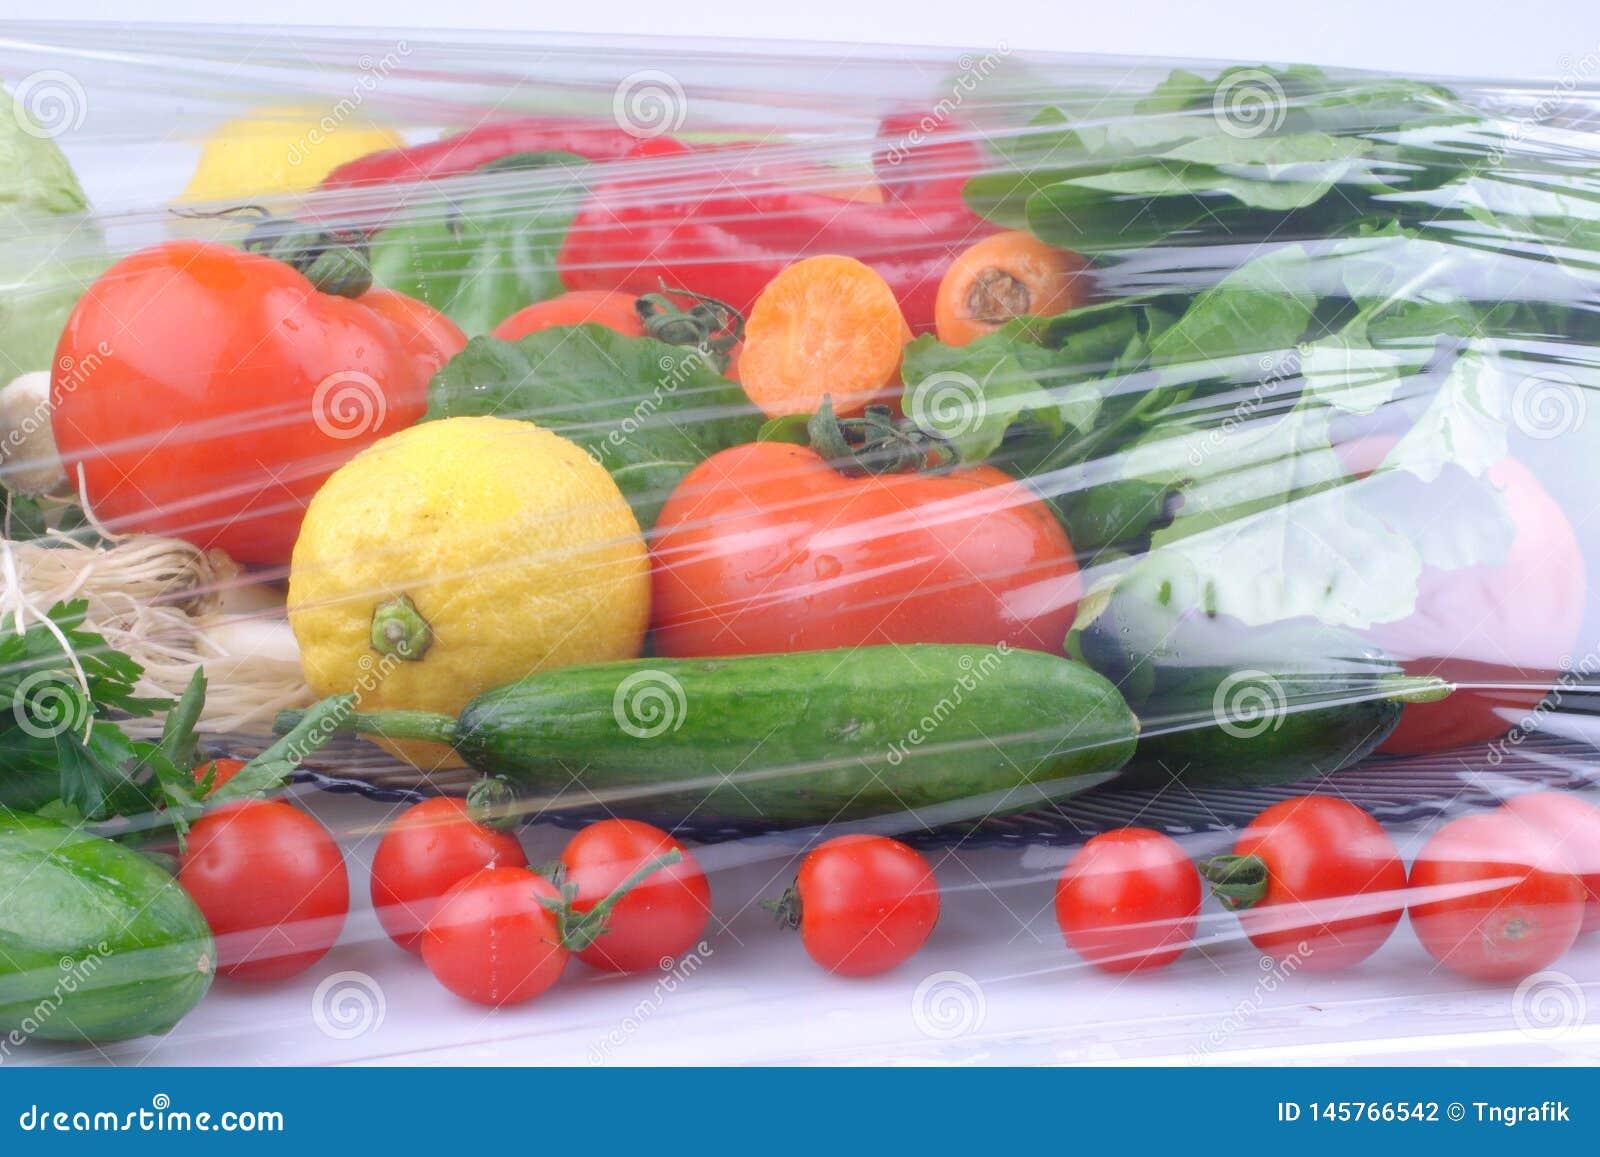 Gem?se auf dem schwarzen Hintergrund Organische Nahrungsmittel und Frischgem?se Gurke, Kohl, Pfeffer, Salat, Karotte, Brokkoli, l